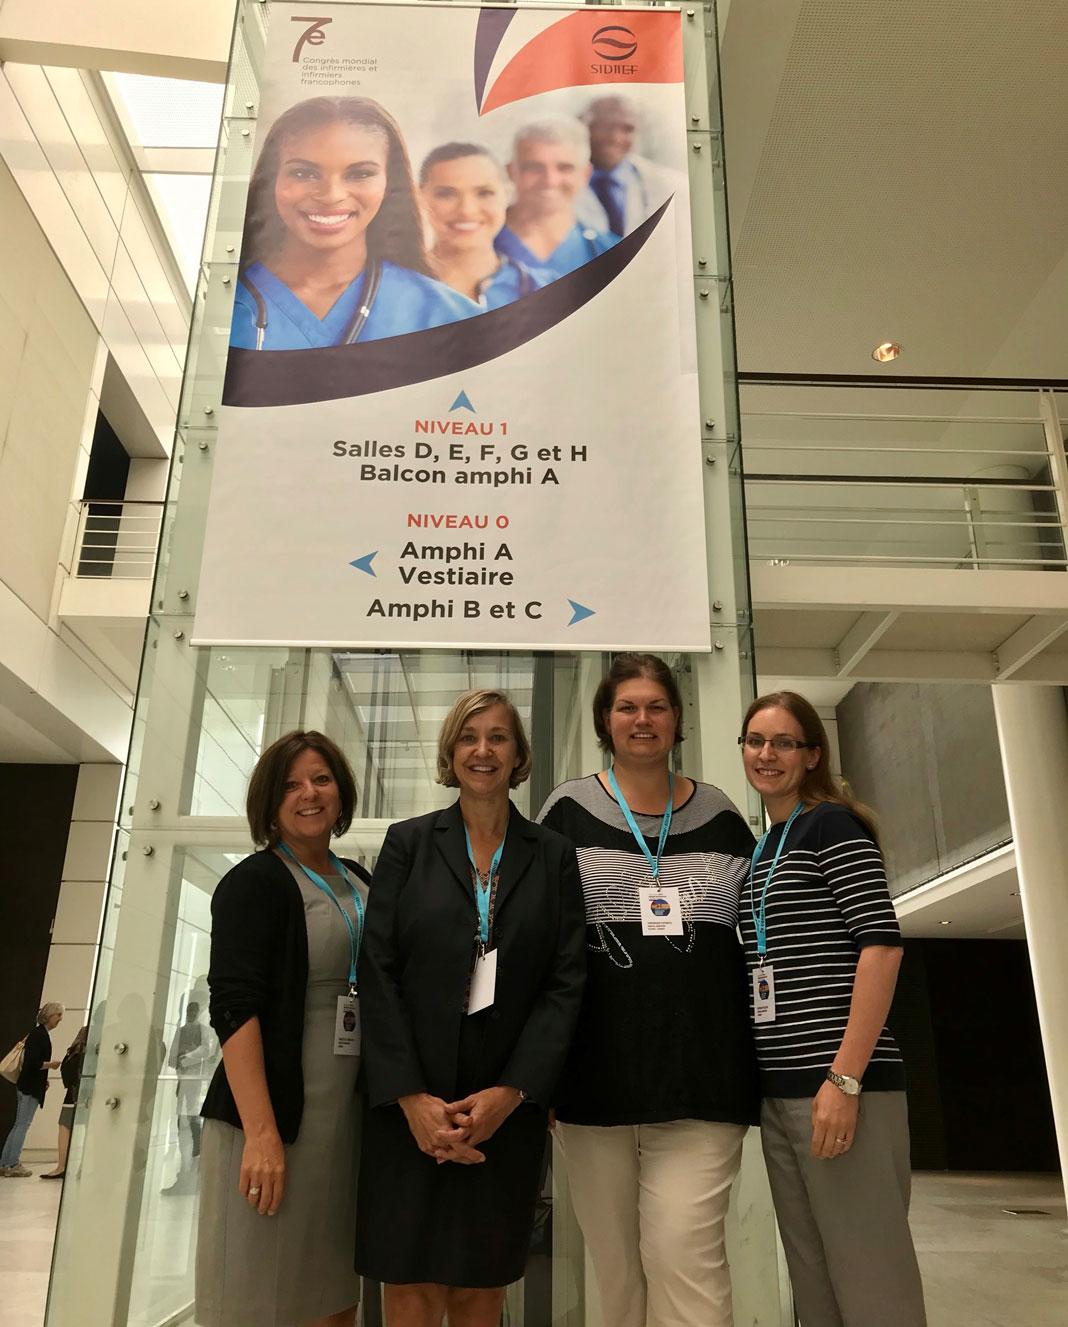 4 femmes debout devant une bannière de conférence du SIDIIEF